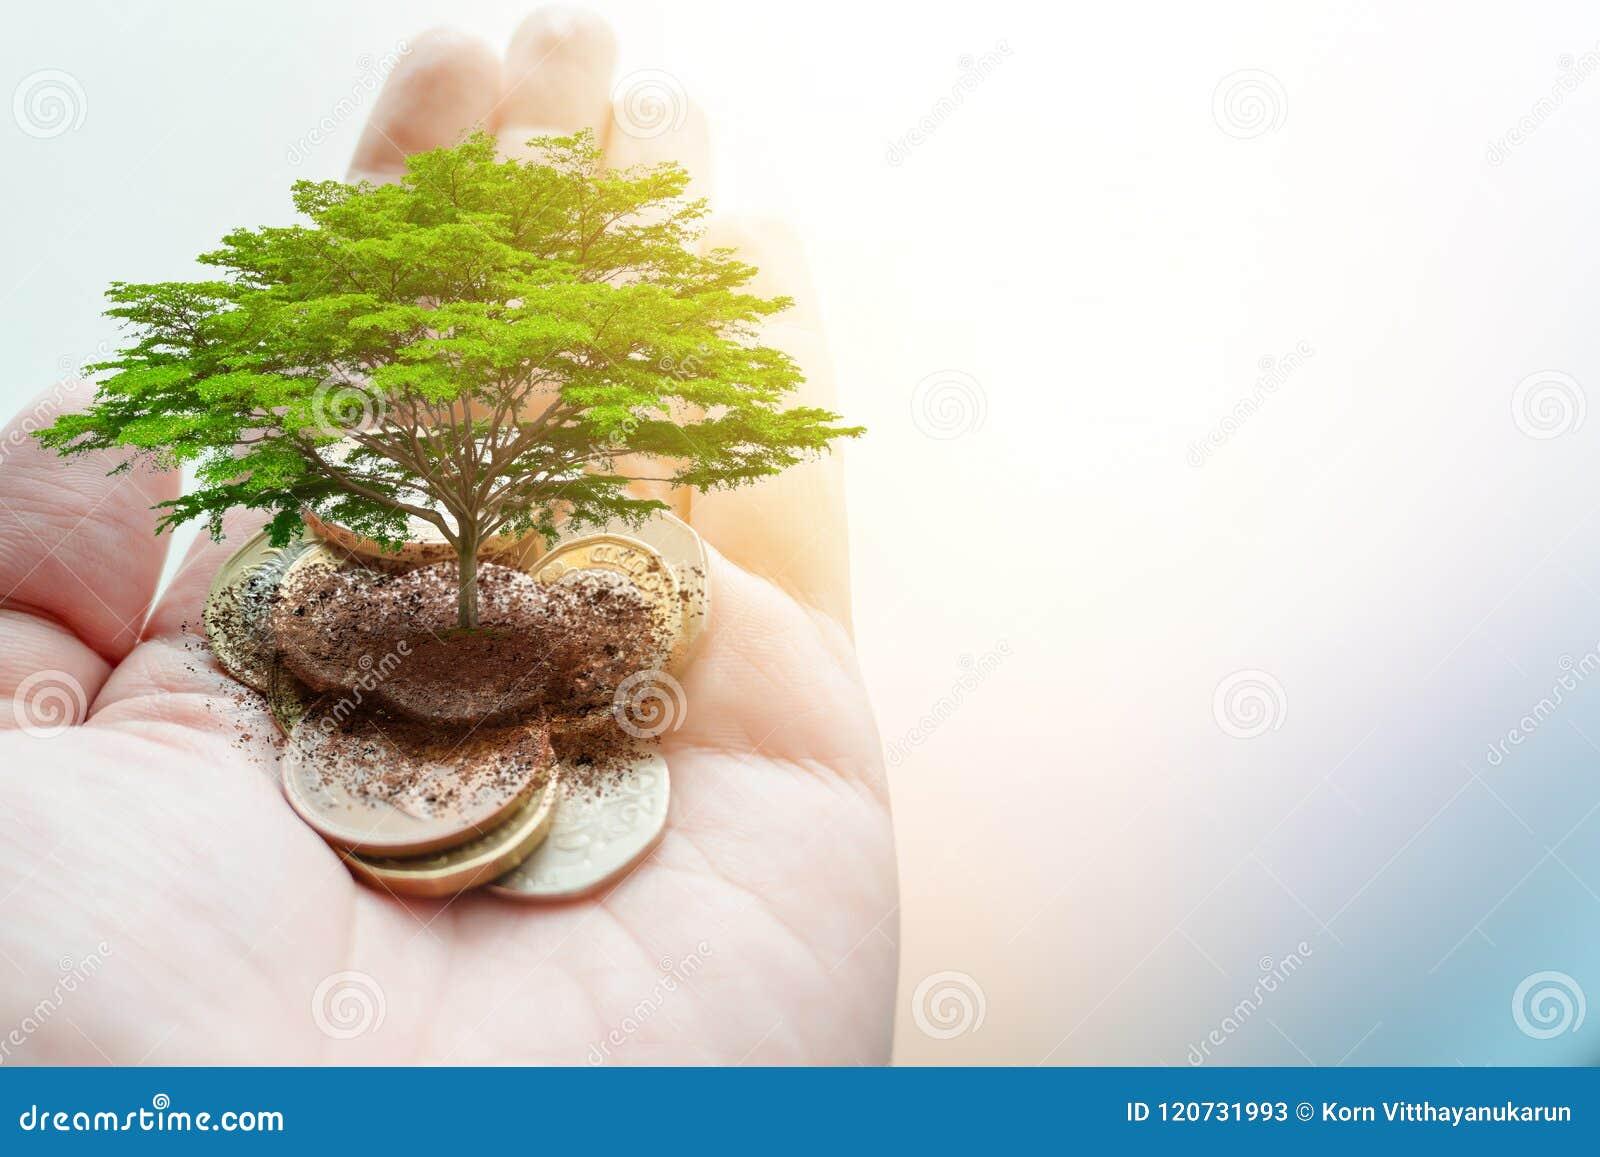 Płaci pieniądze darowiznę dla zielonego eco oszczędzania środowiska i uziemia ekologię podtrzymywalną